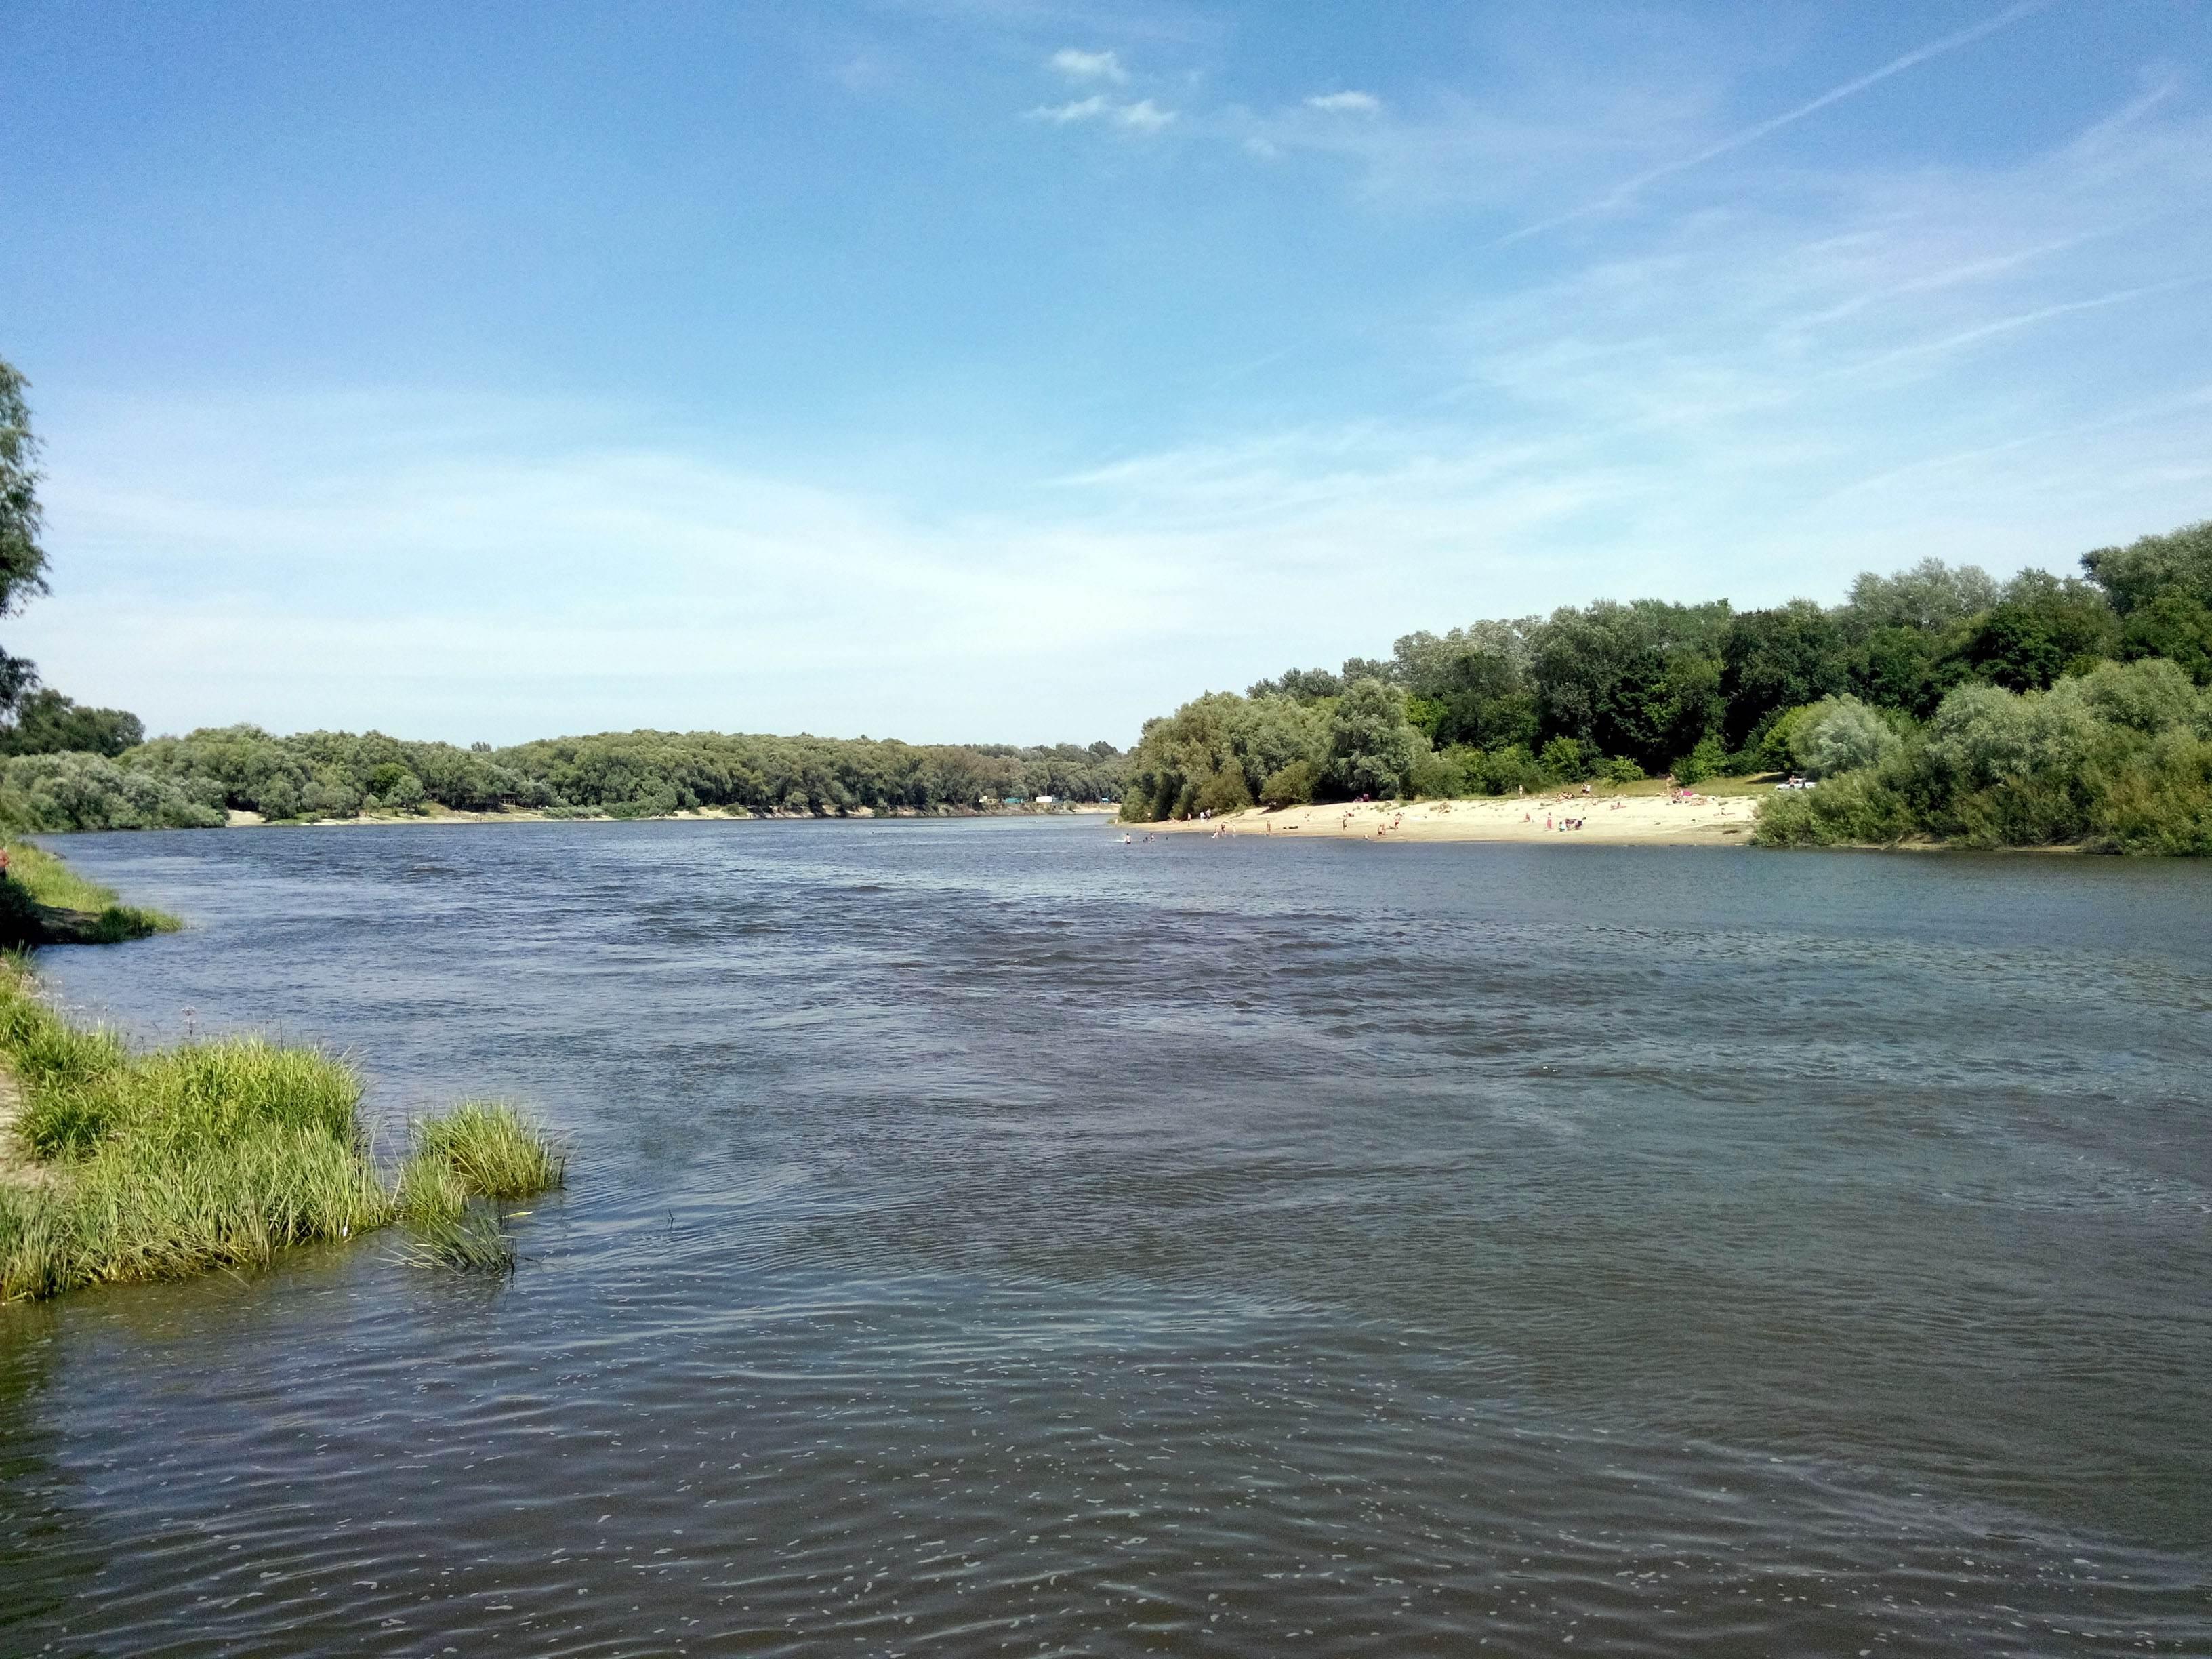 река Десна, пляж за мостом